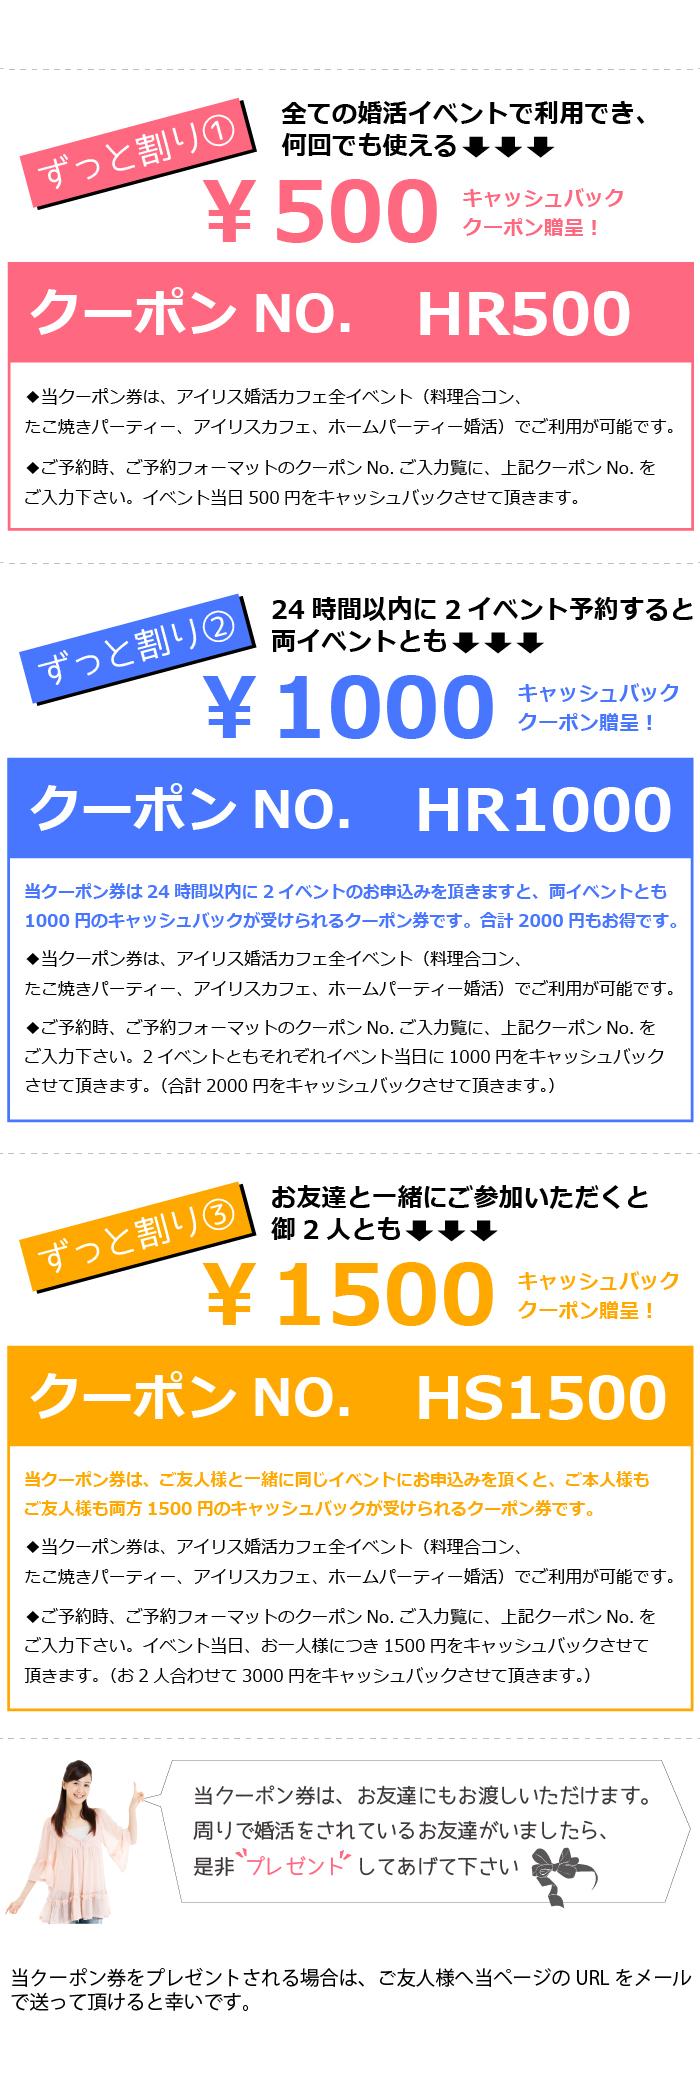 リピーター様限定 500円から1500円キャッシュバッククーポン